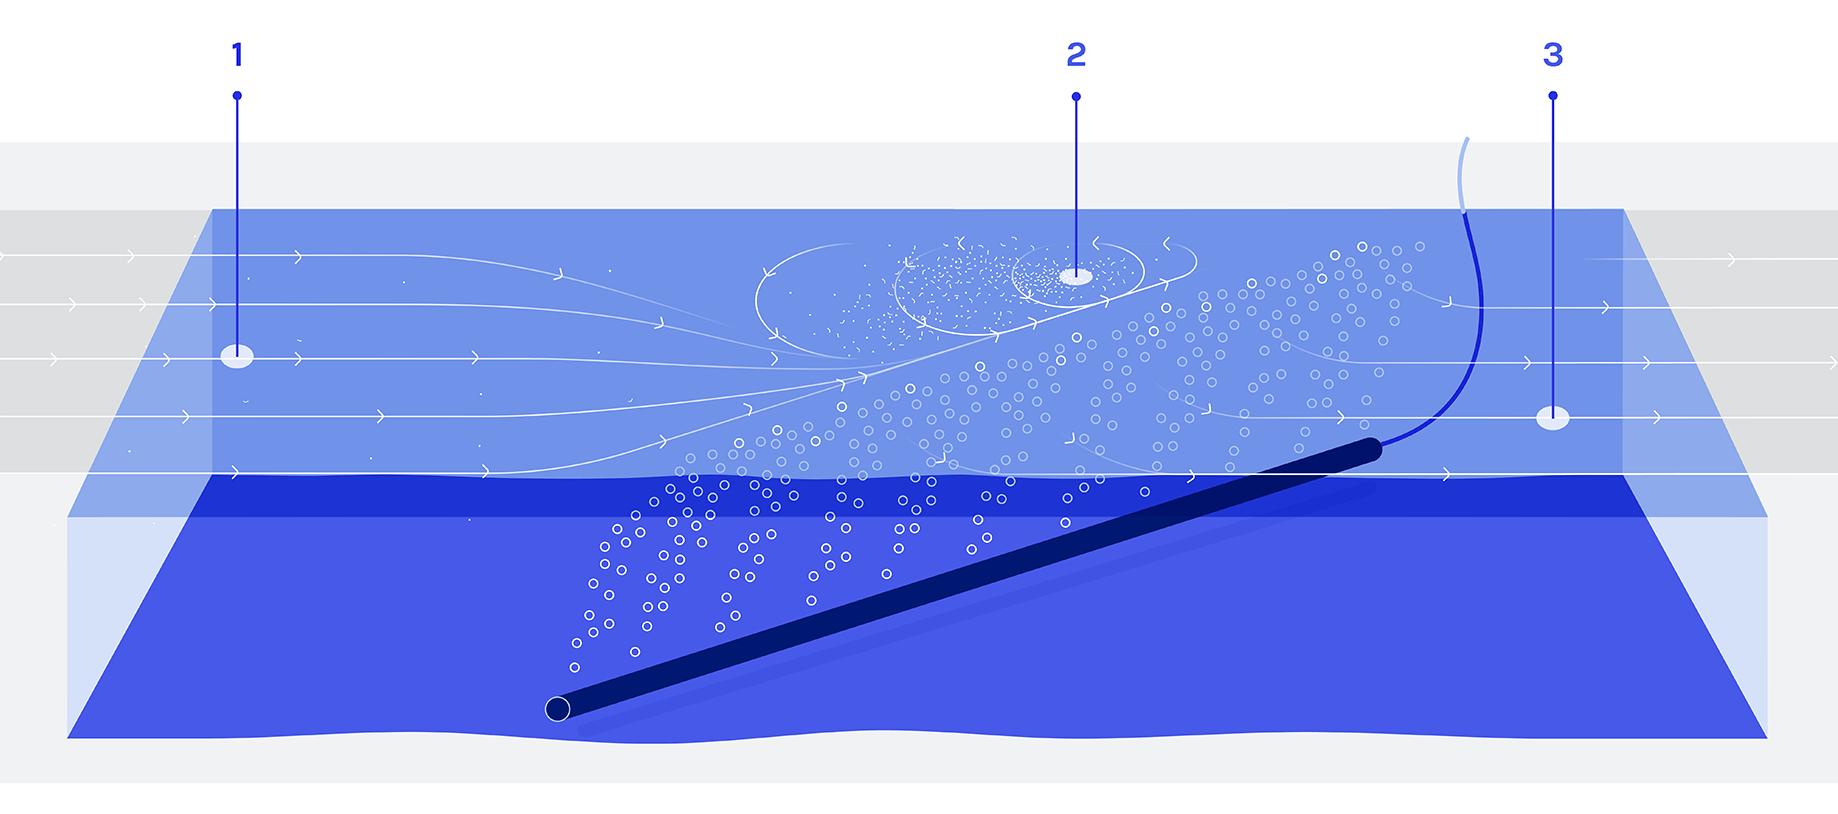 Пузыри — вверх! Речной барьер, который защищает море от пластика - 4